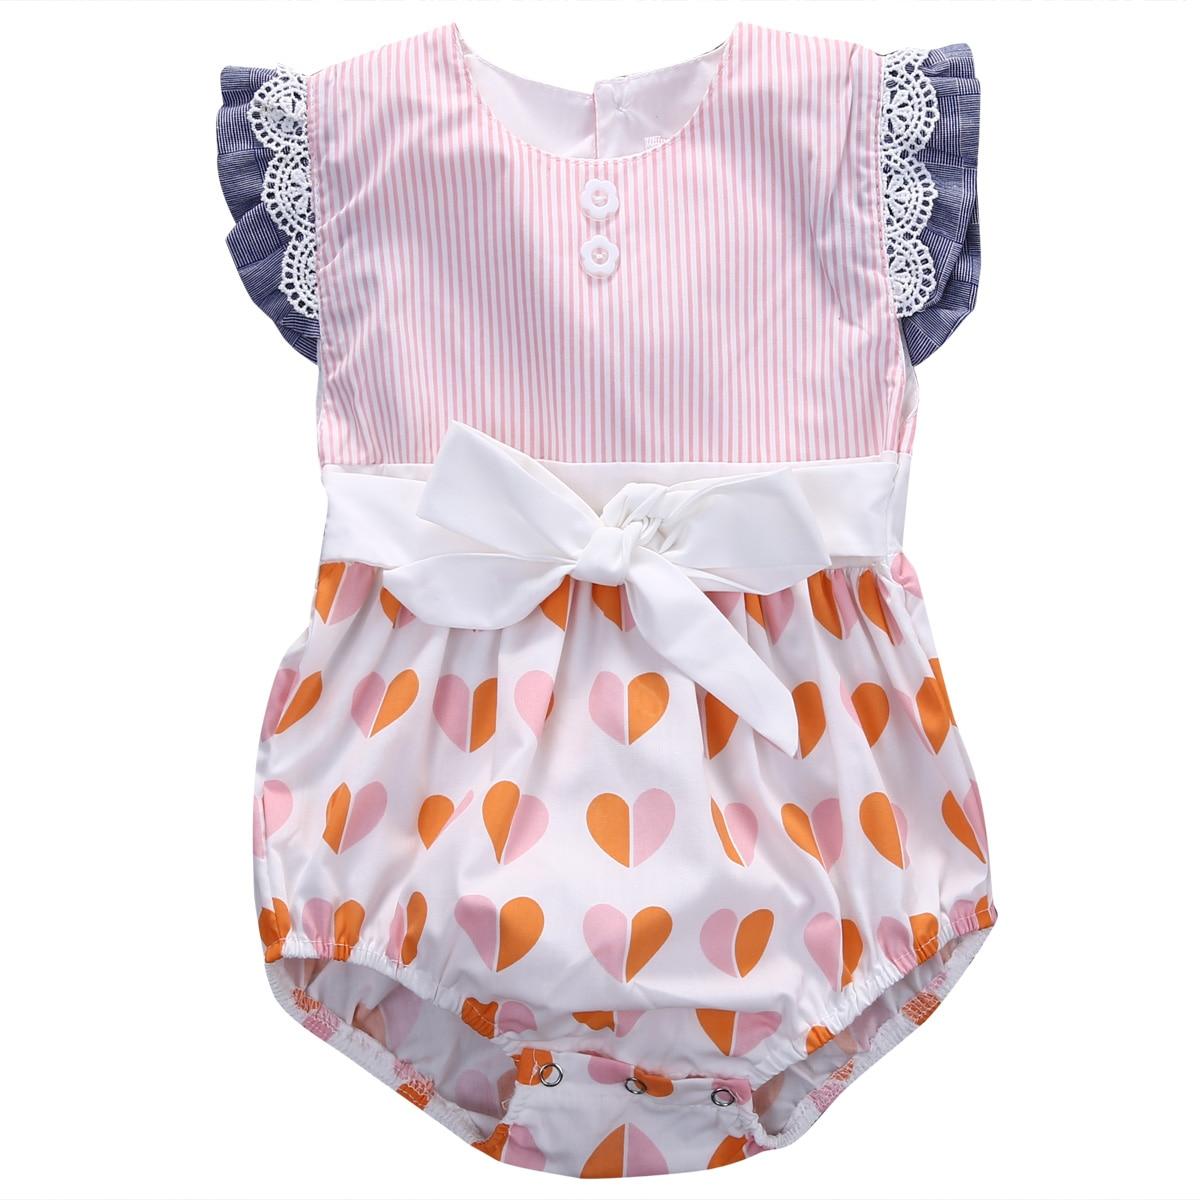 Newborn Infant Baby Boys Girls Lace   Romper   Jumpsuit Outfits Sunsuit Clothes